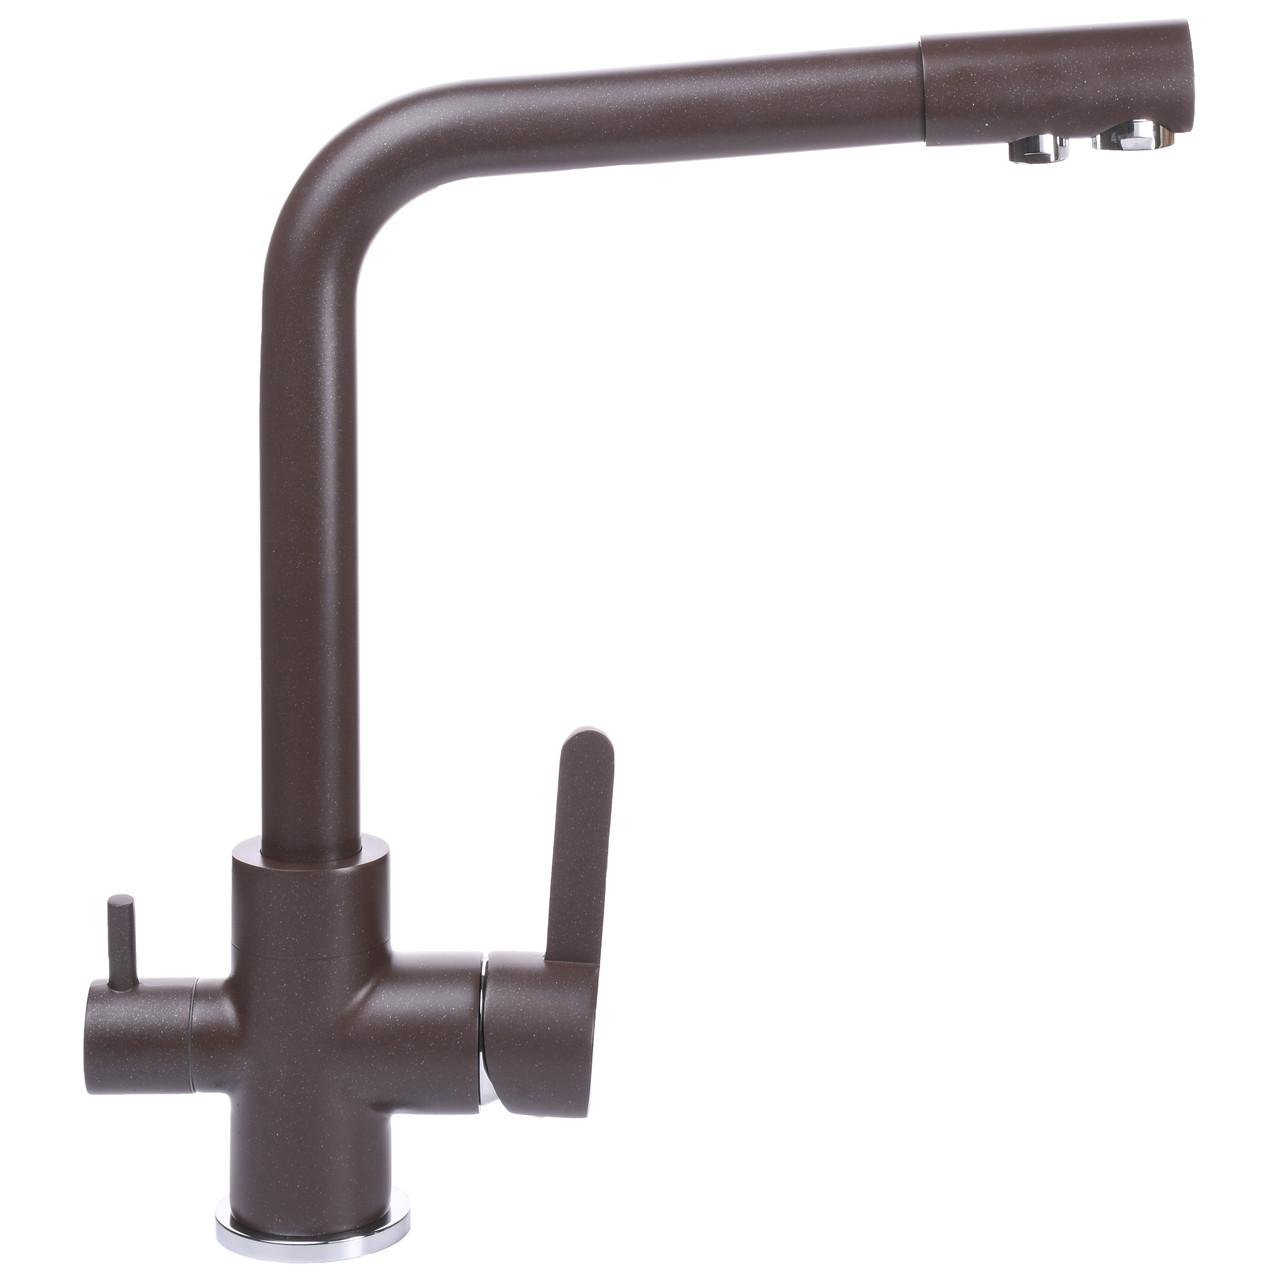 Смеситель для кухни под осмос Globus Lux GLLR-0444-6-MARONE